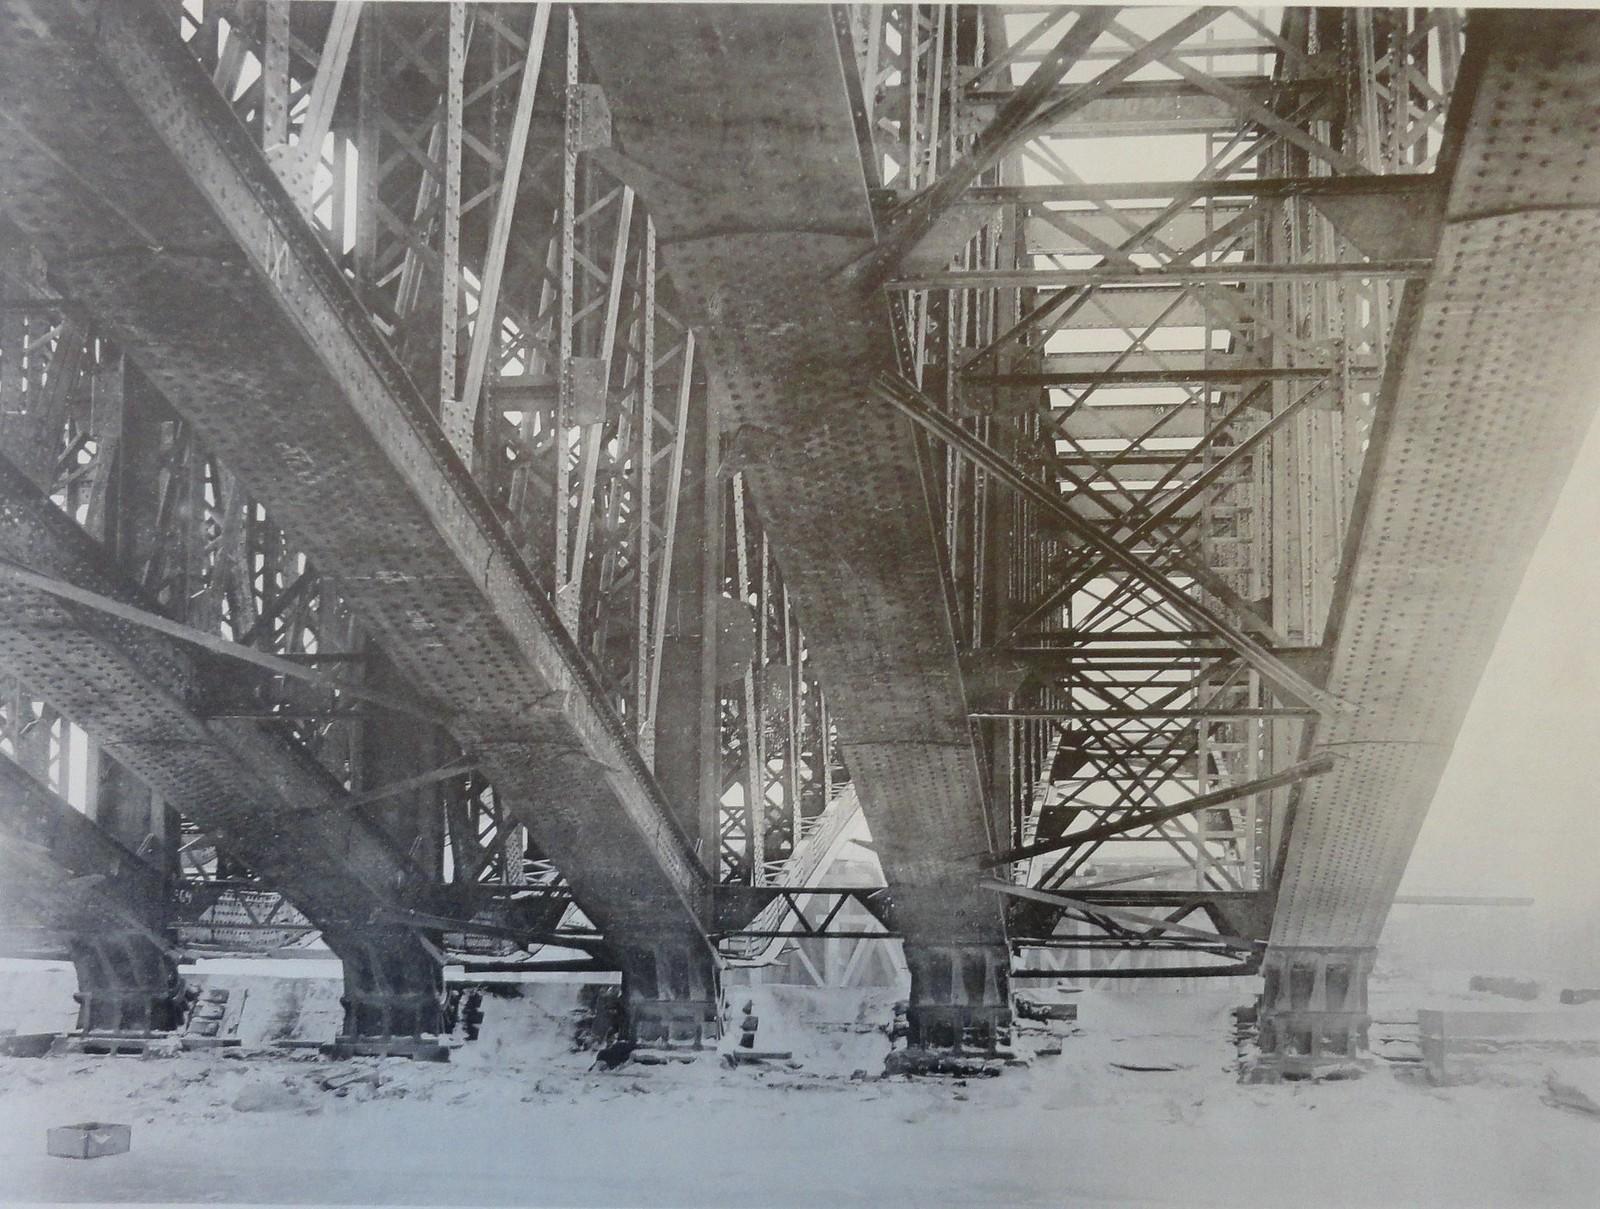 1901. Вид арочных ферм снизу. 6 января